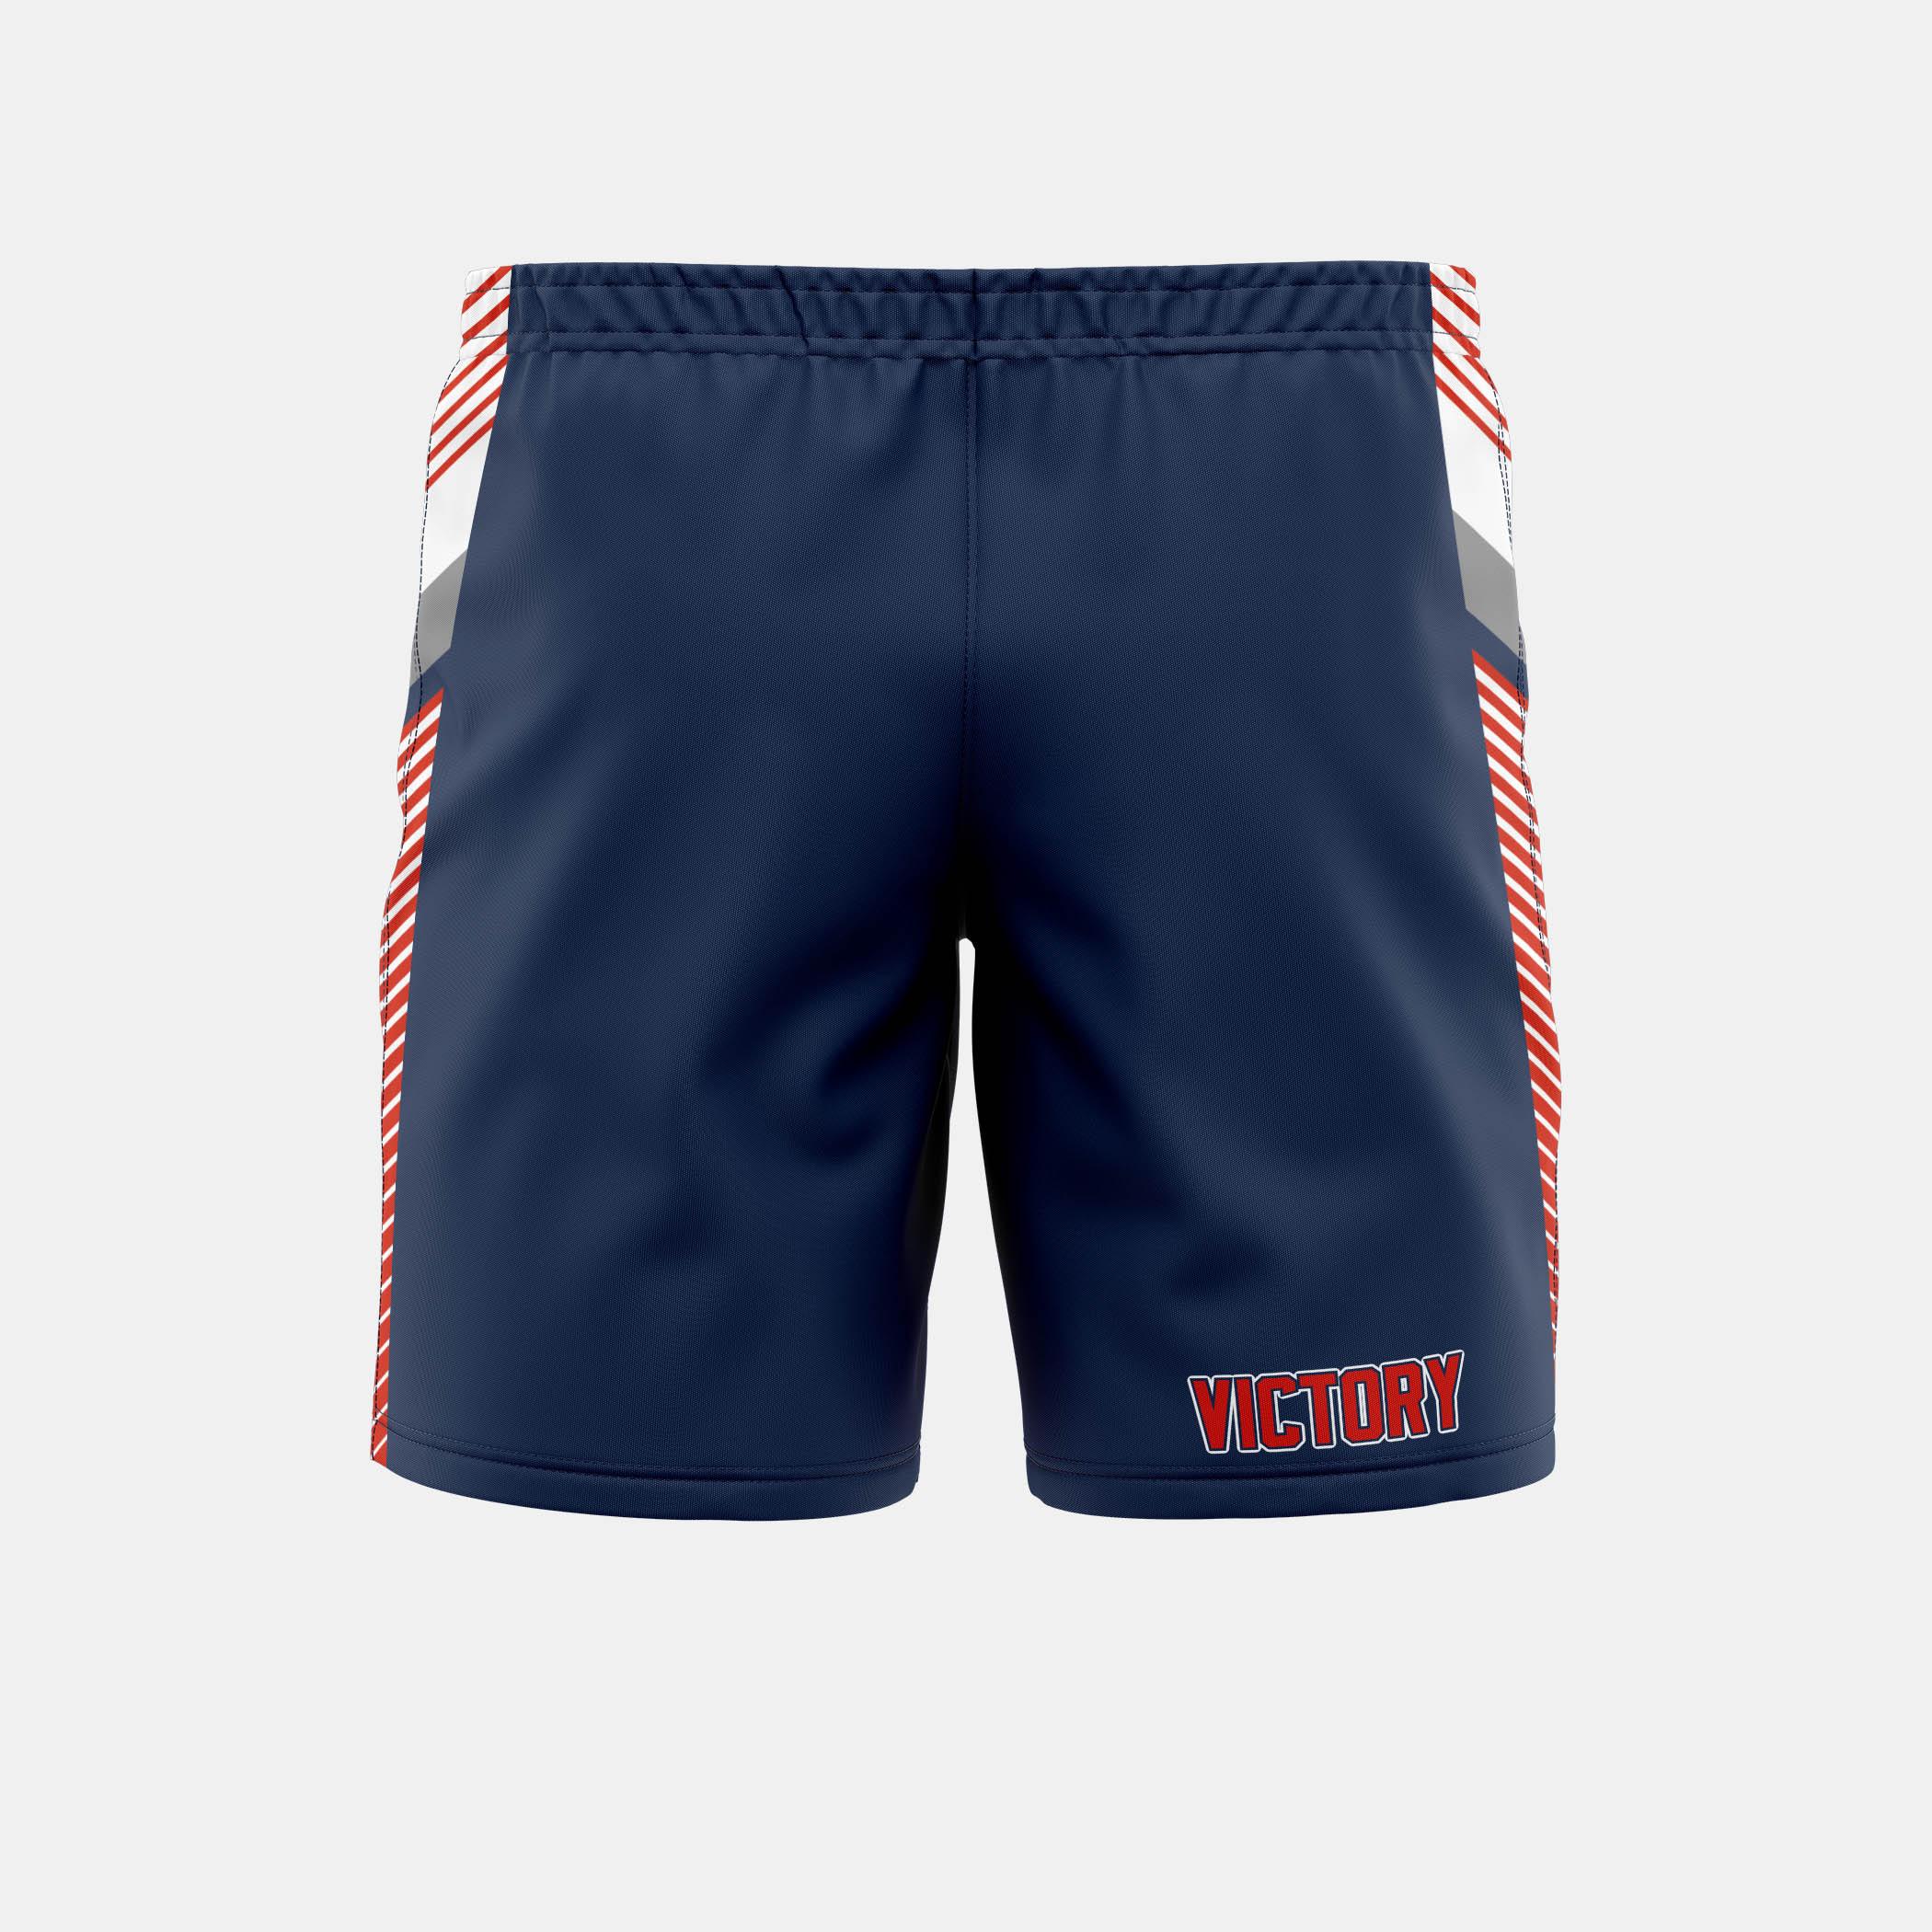 Victory VB Shorts Back View edited